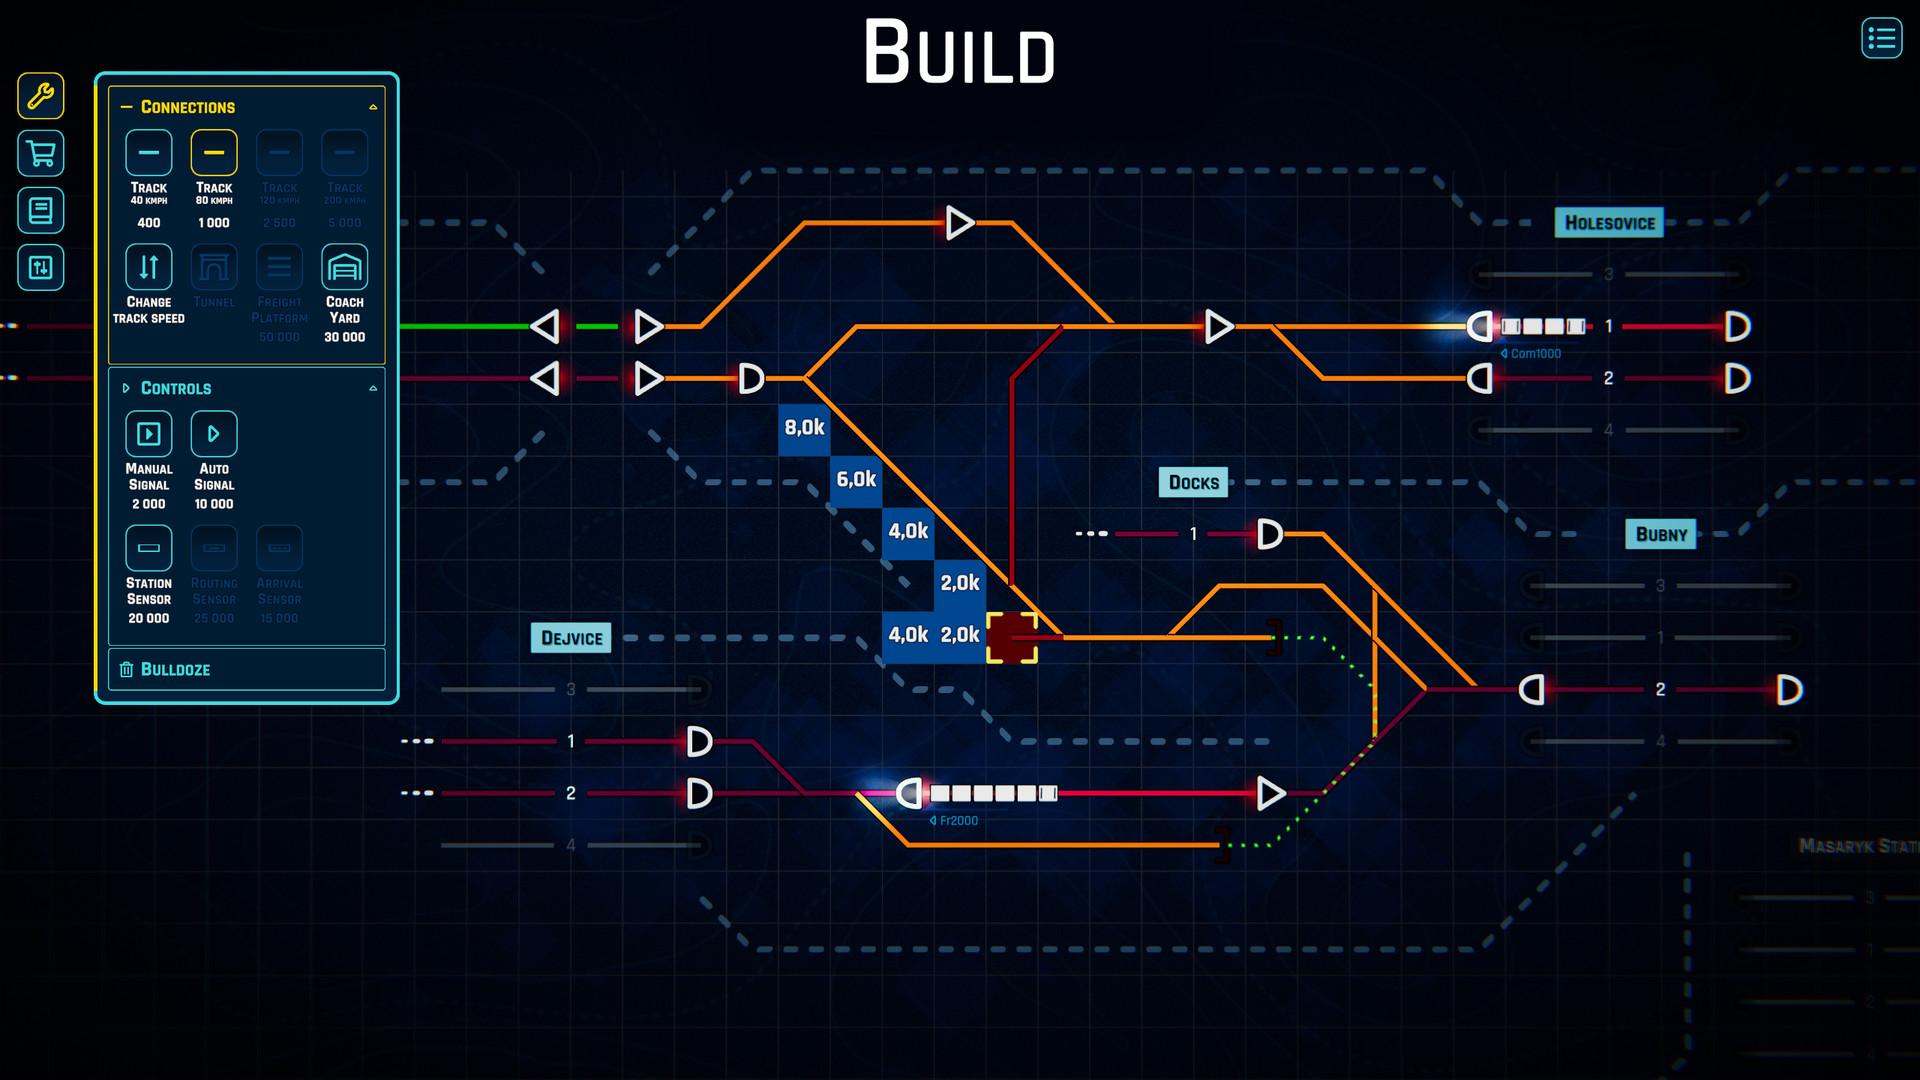 Rail Route. Gra pojawi się we wczesnym dostępie już wkrótce